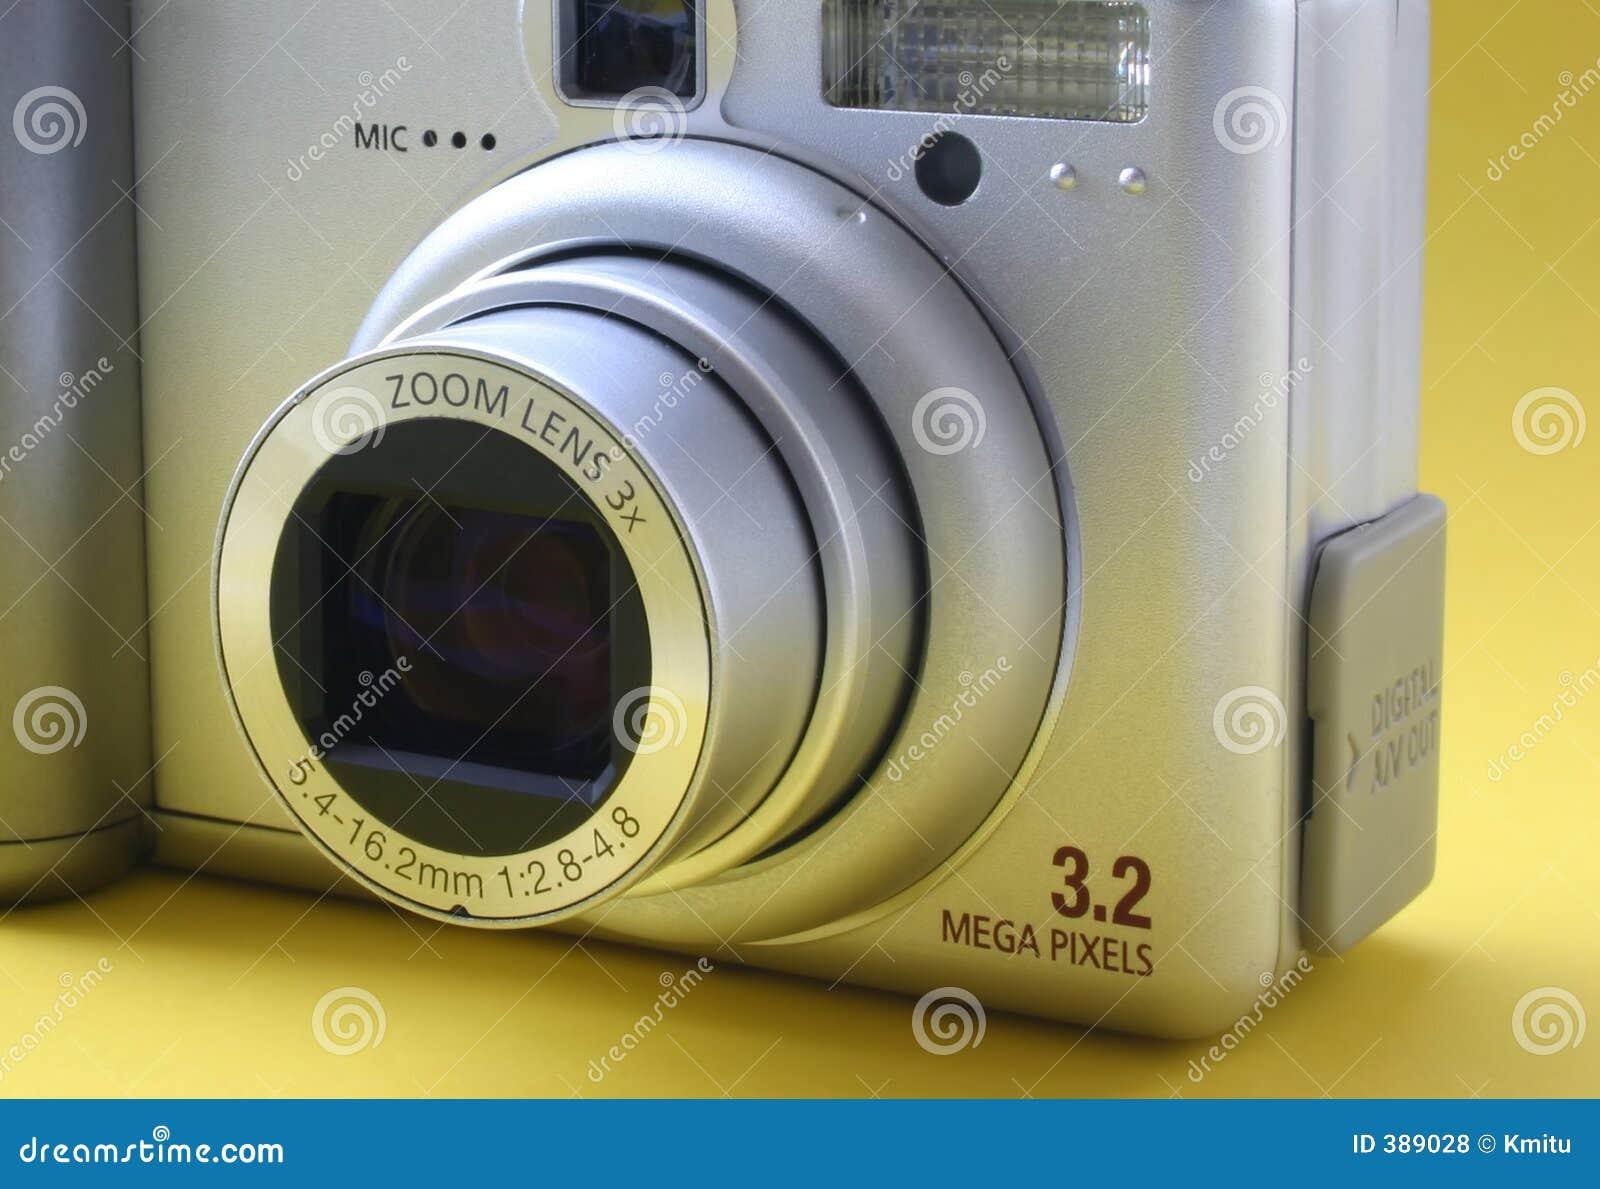 Zoom 3x